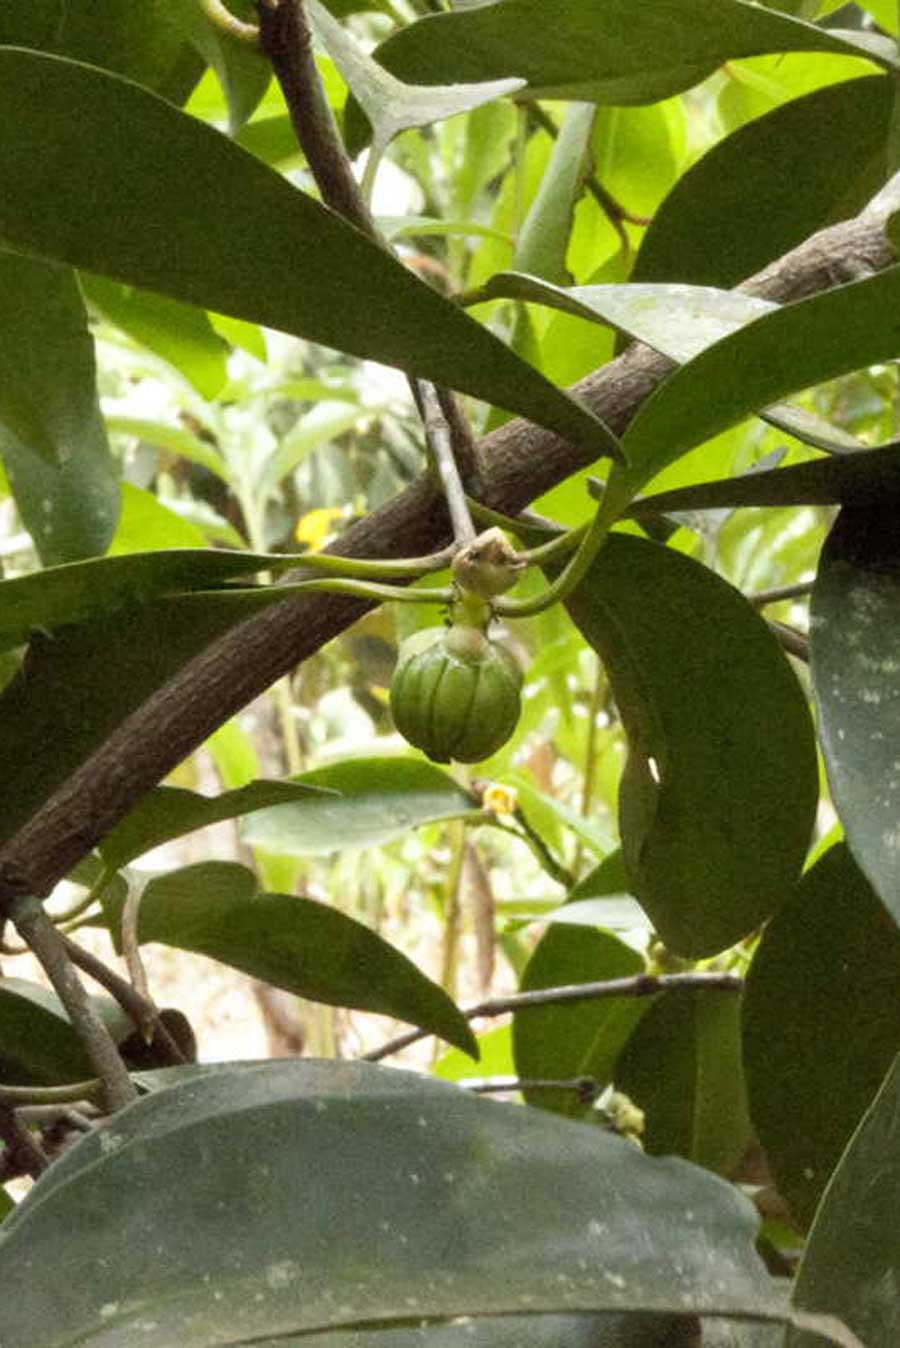 Kudam puli frais sur l'arbre